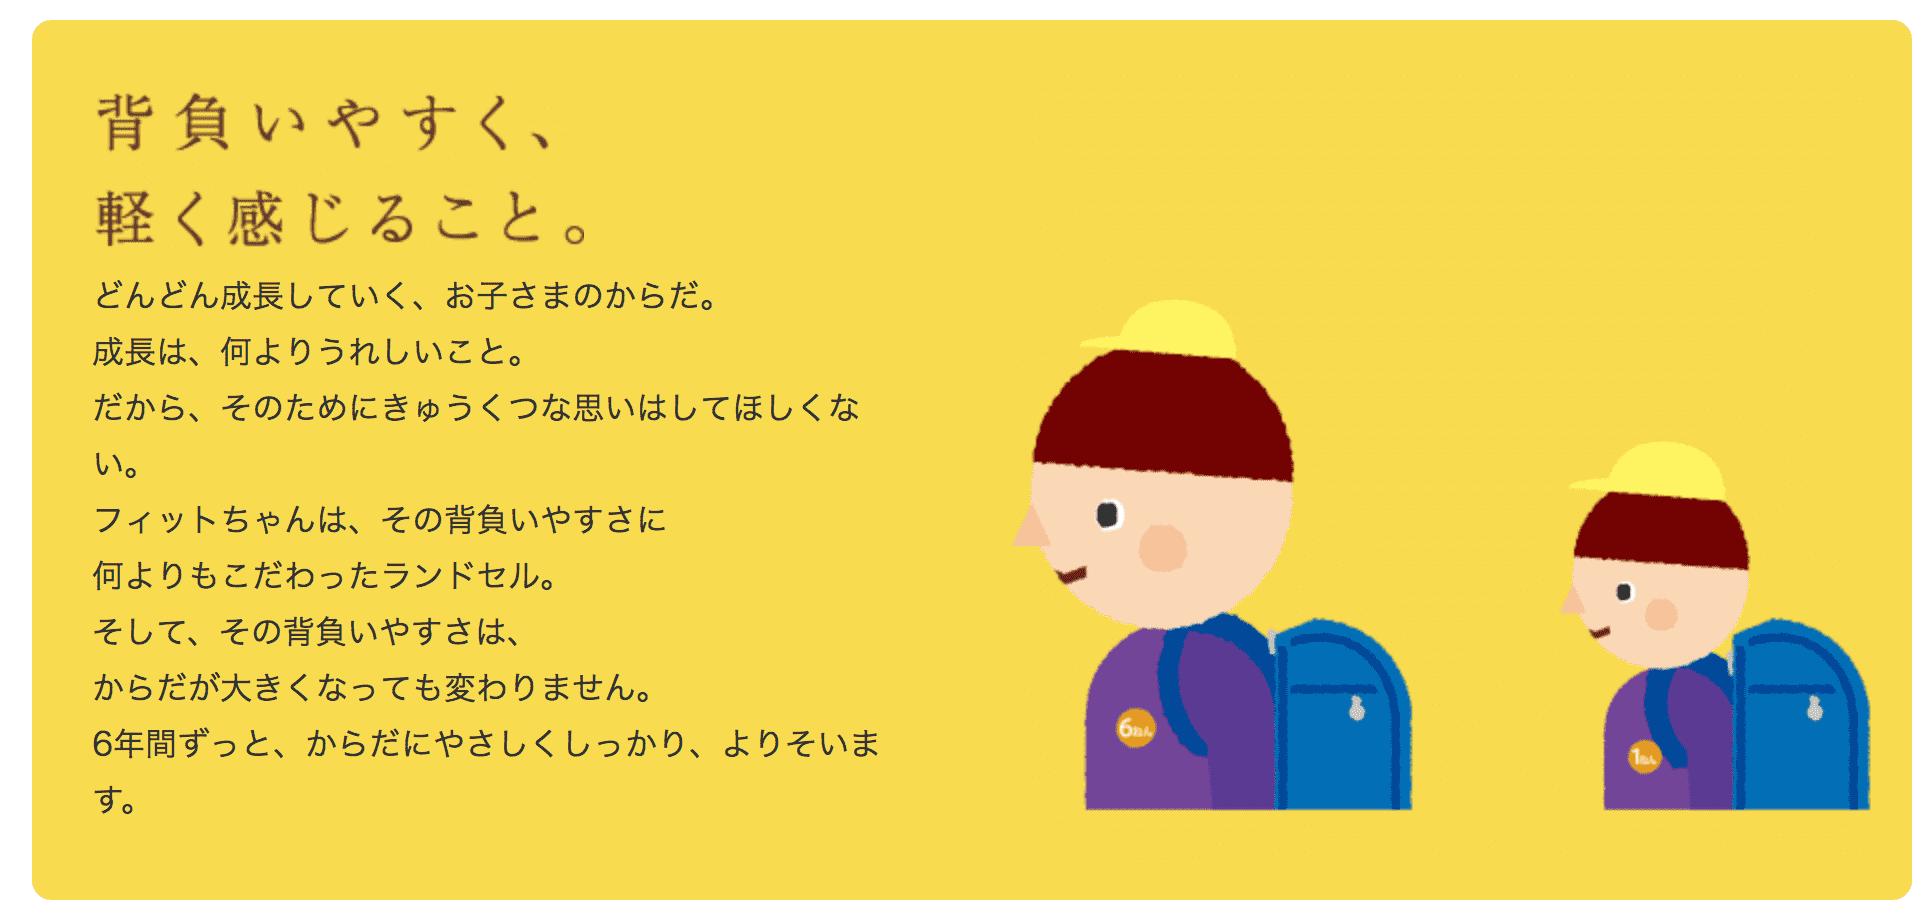 フィットちゃん